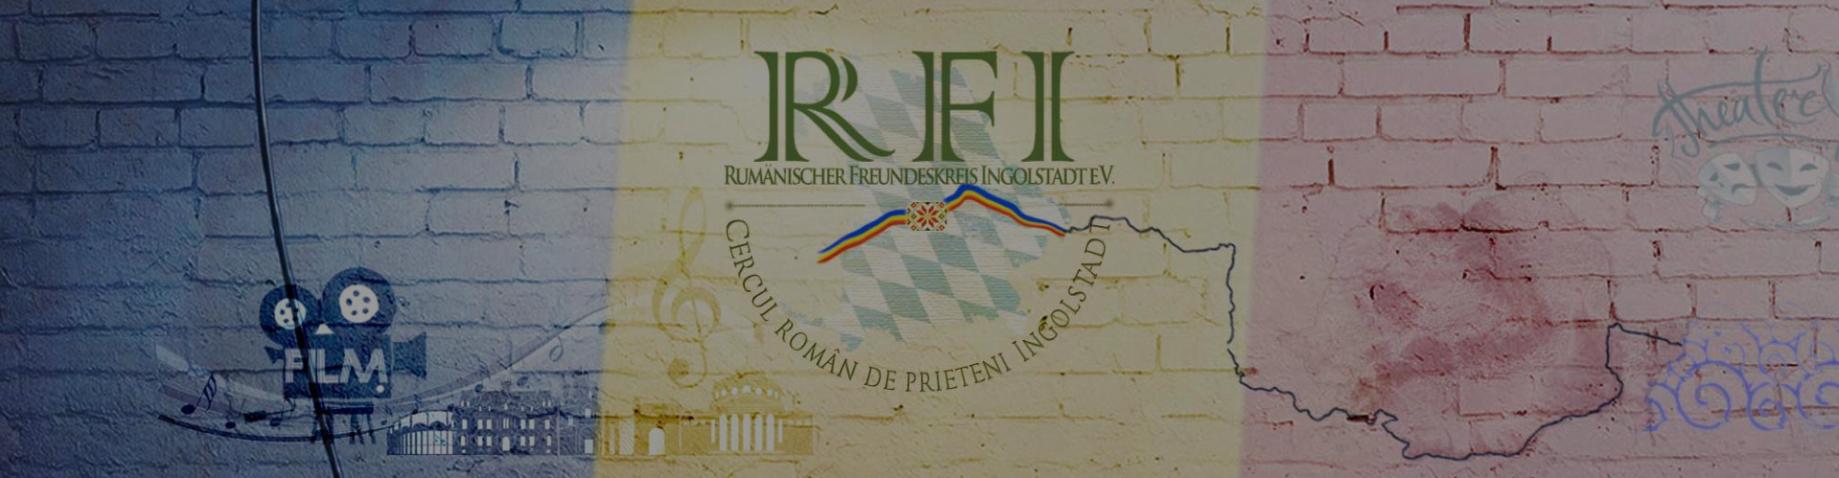 Rumänischer Freundeskreis Ingolstadt e.V.